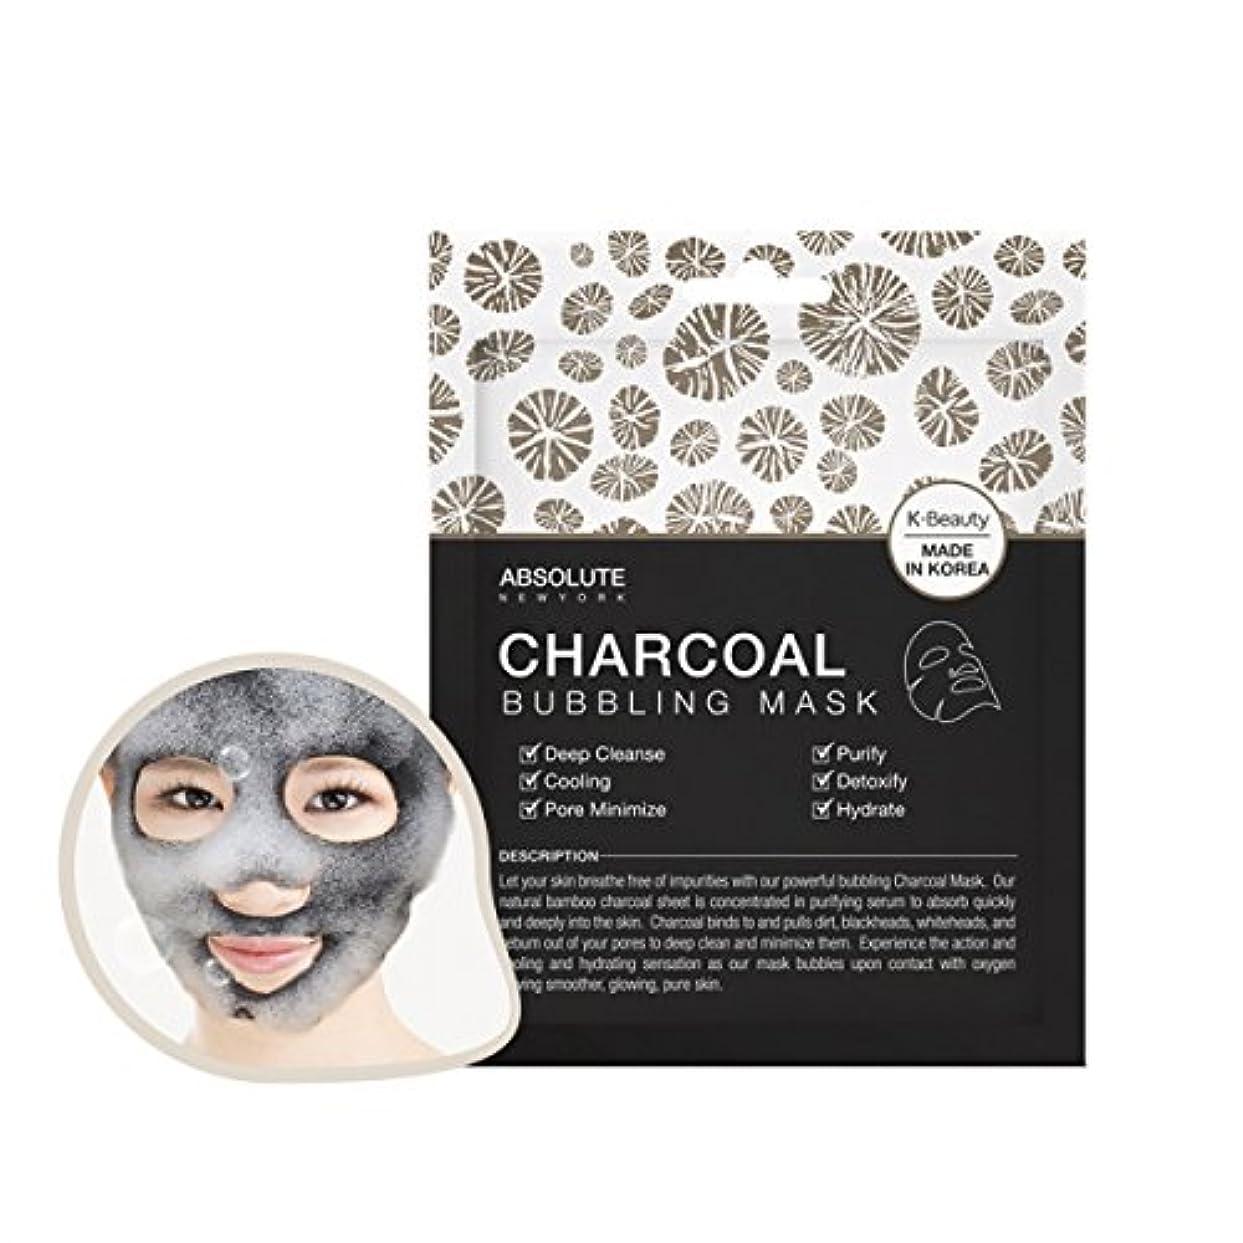 してはいけないつまずく郵便屋さんABSOLUTE Charcoal Bubbling Mask (並行輸入品)